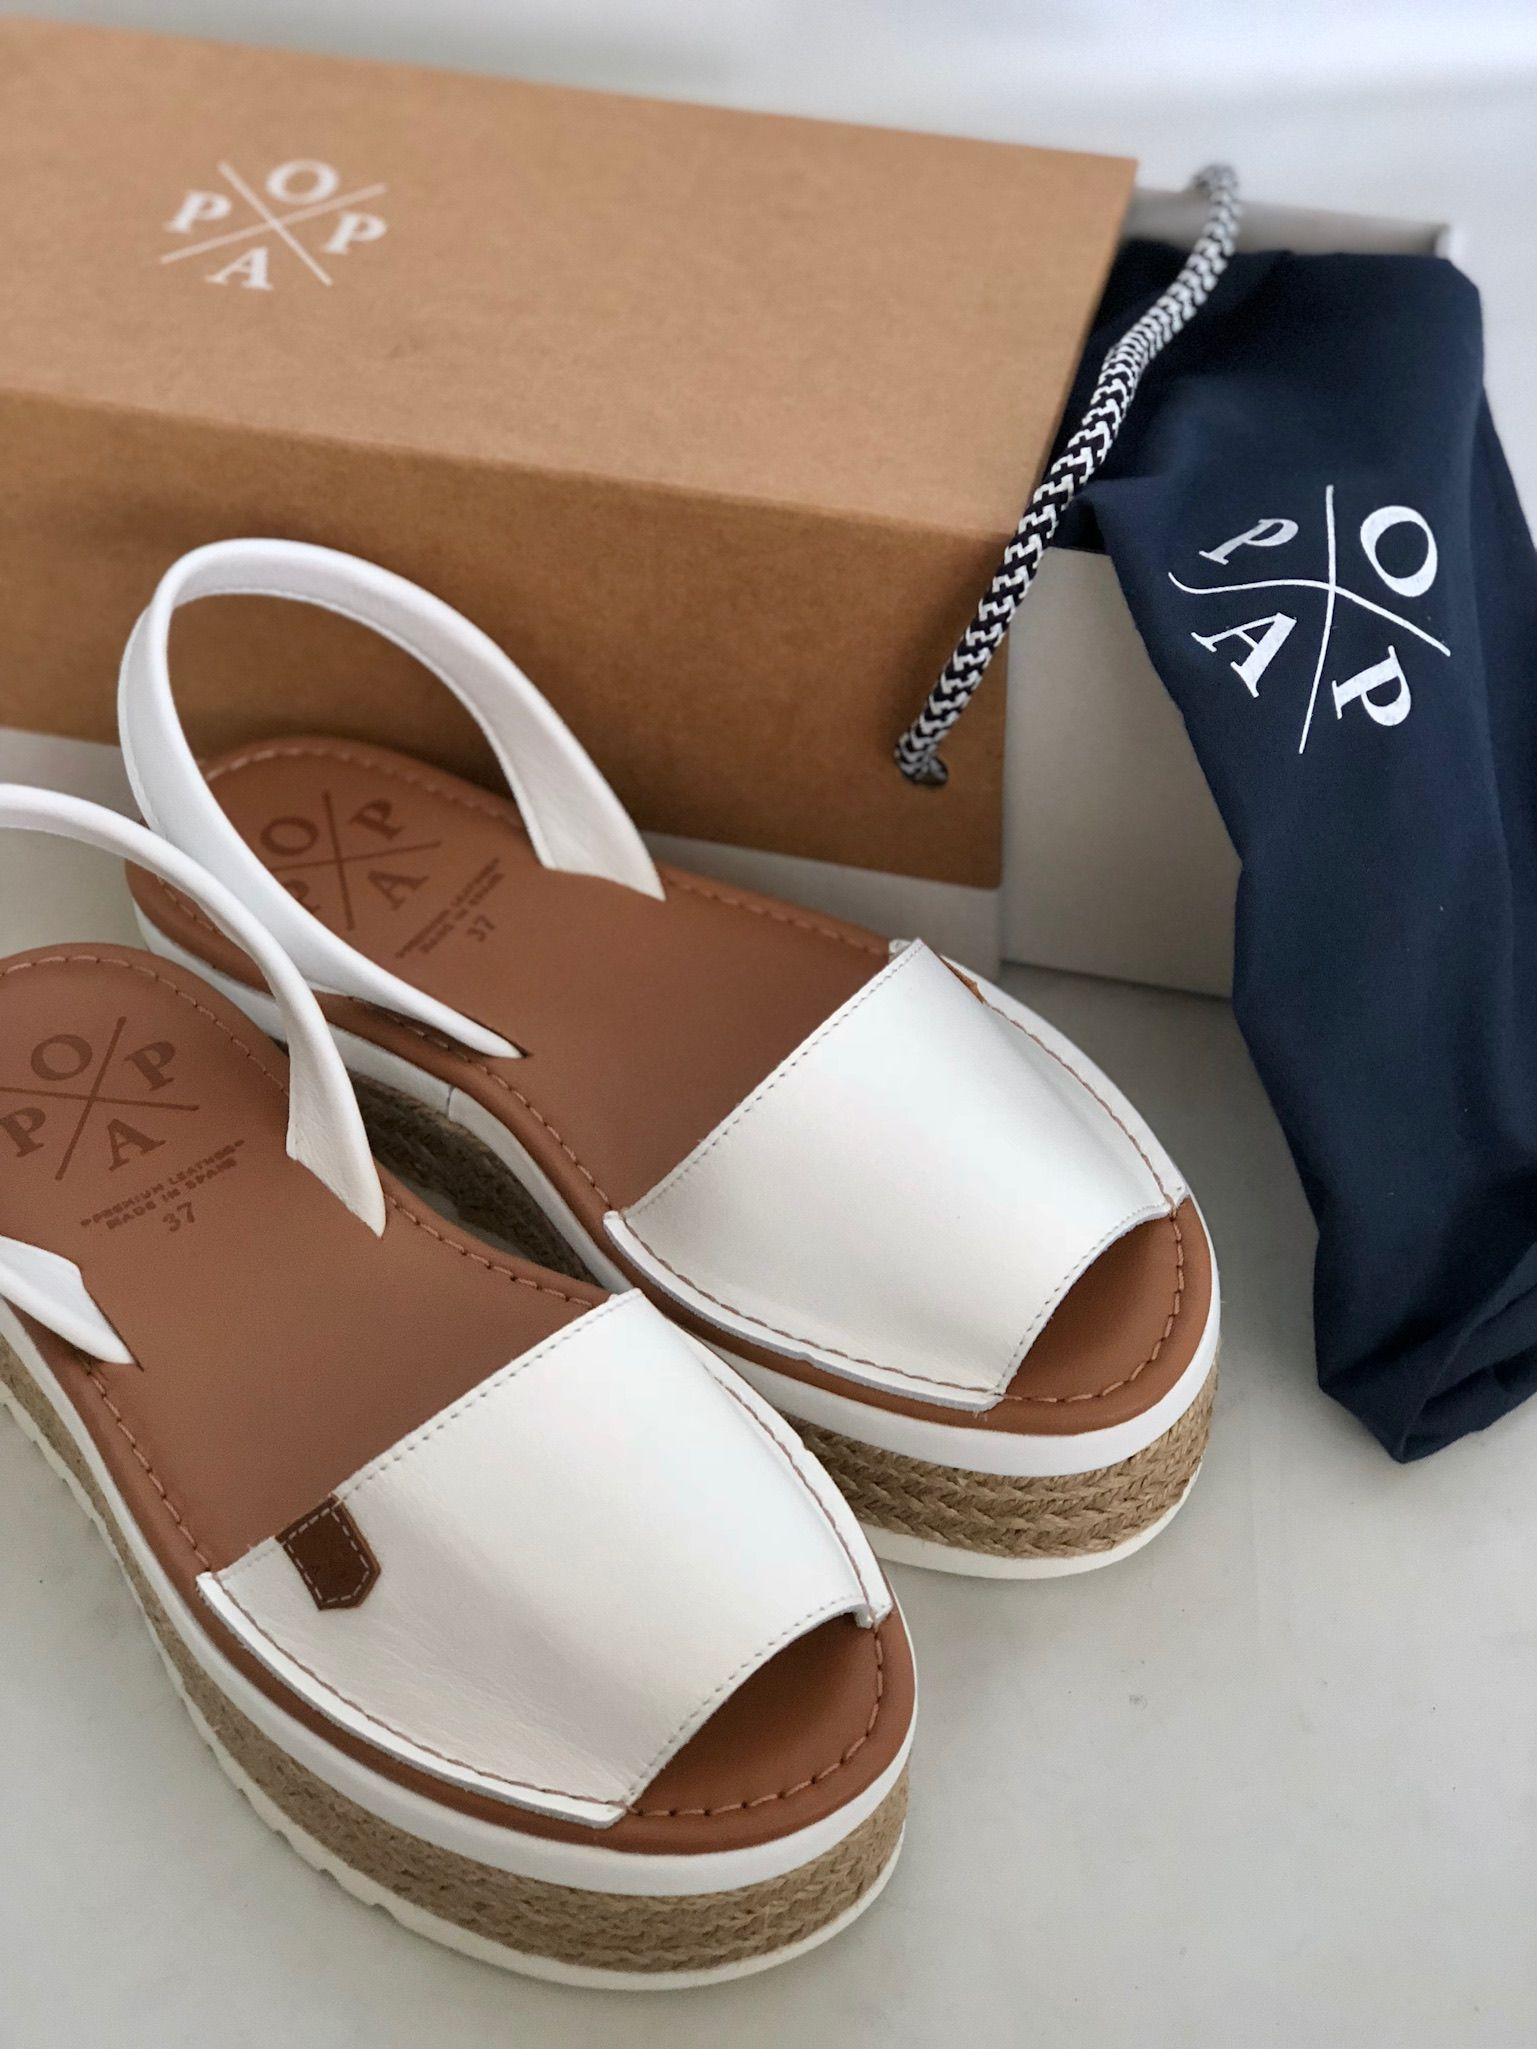 calidad superior mas bajo precio comprar nuevo Menorquinas POPA Onna | Chic en 2019 | Zapatos, Calzado ...